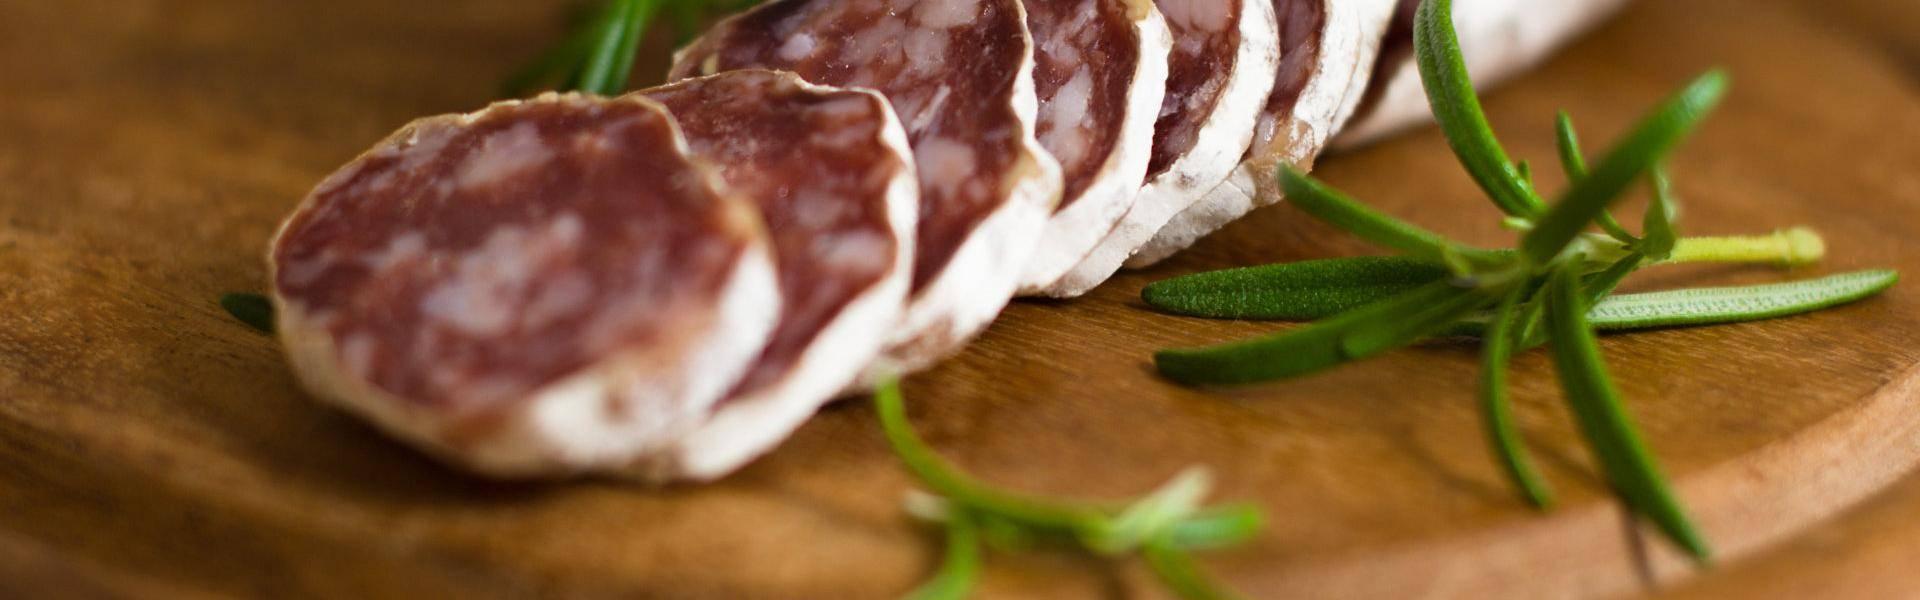 La muffa sul salame si forma e non è da temere per la nostra salute